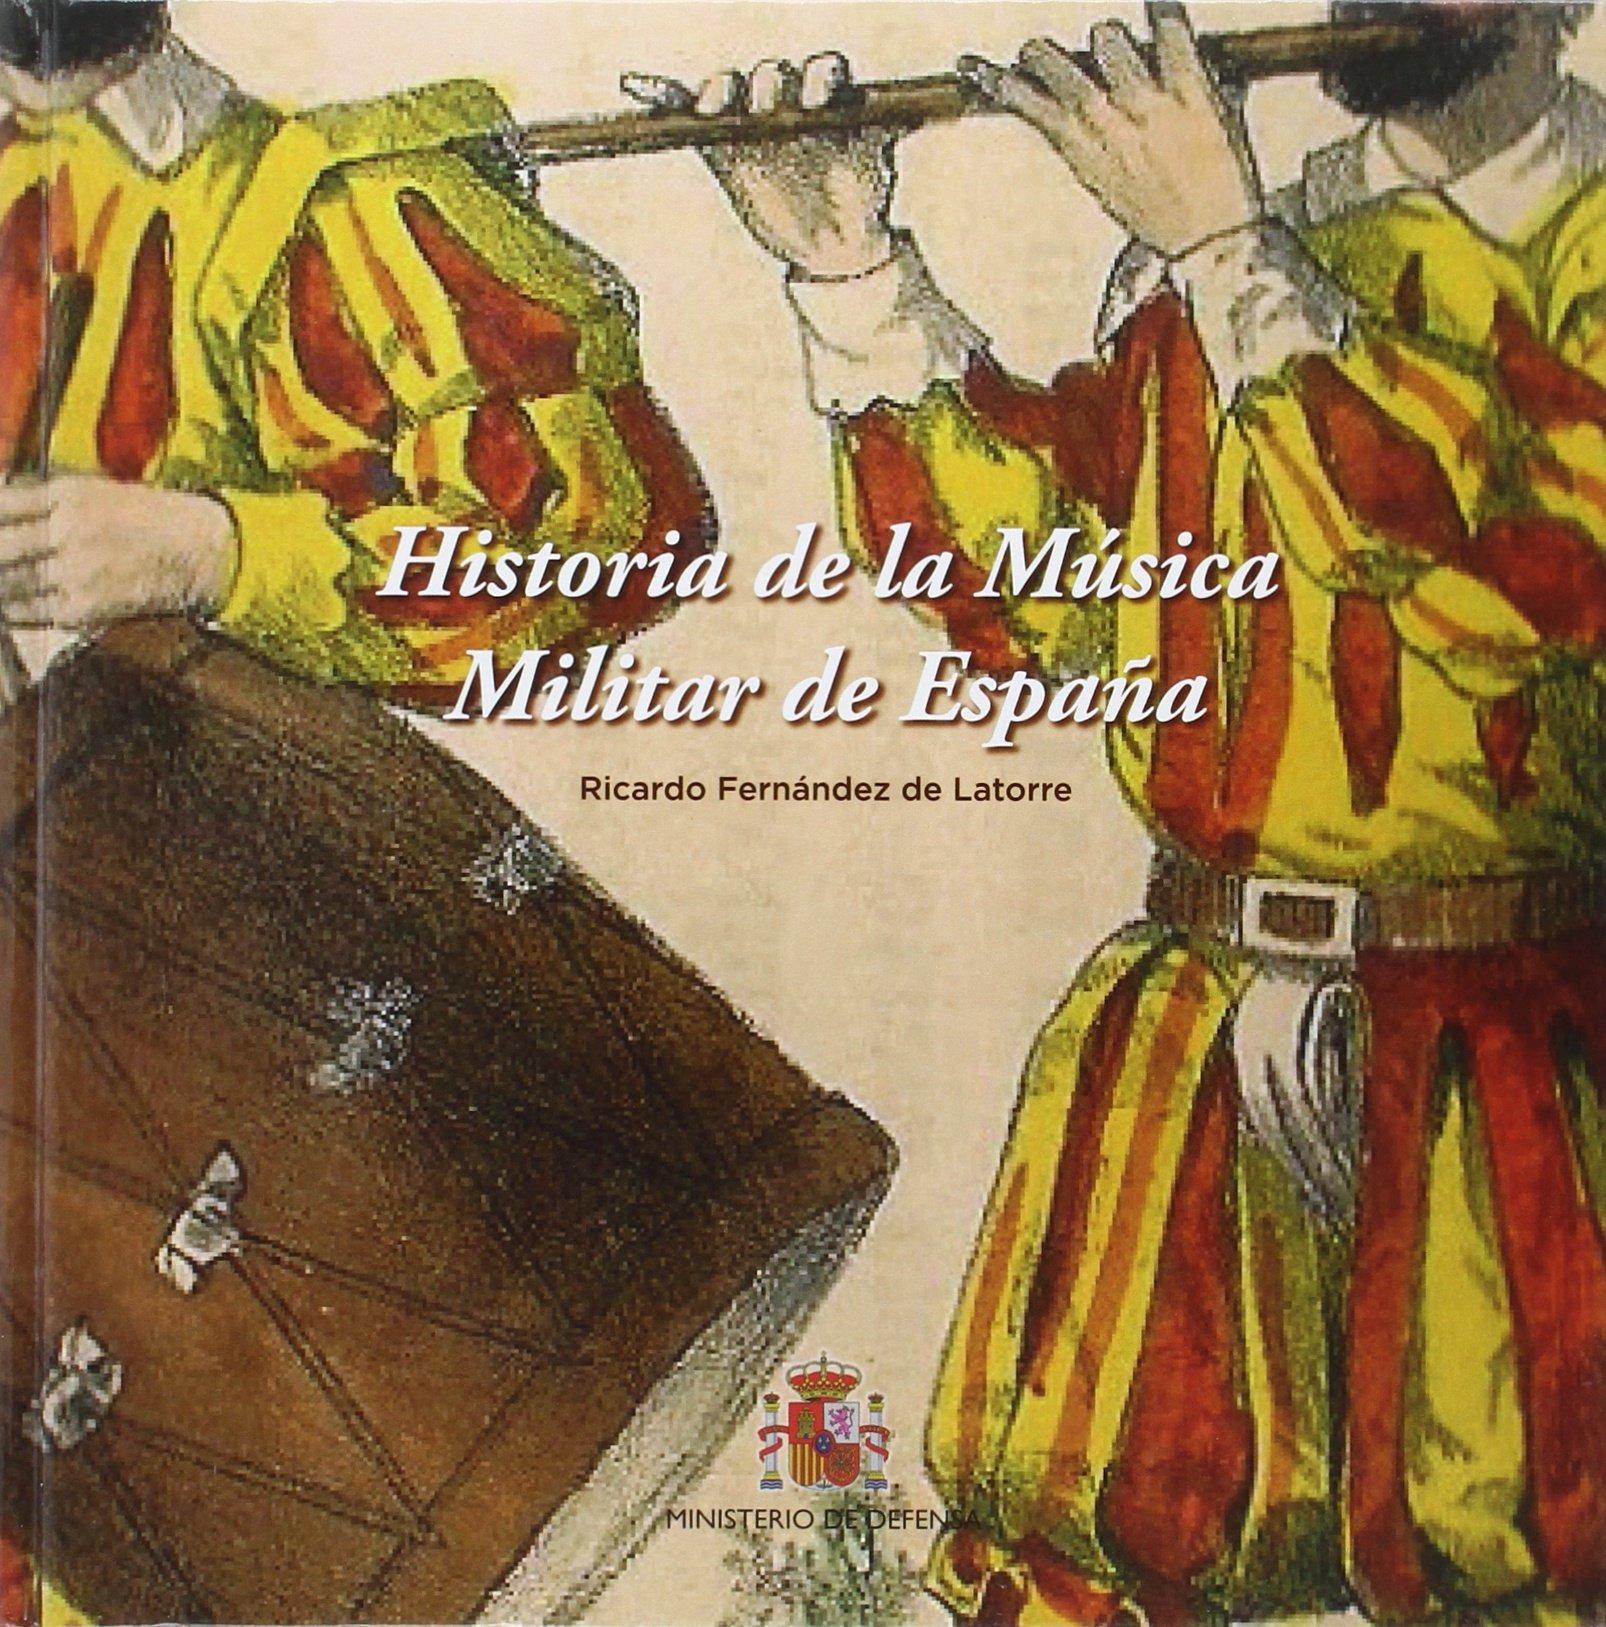 Historia de la música militar de España: Amazon.es: Fernández de Latorre Pérez, Ricardo: Libros